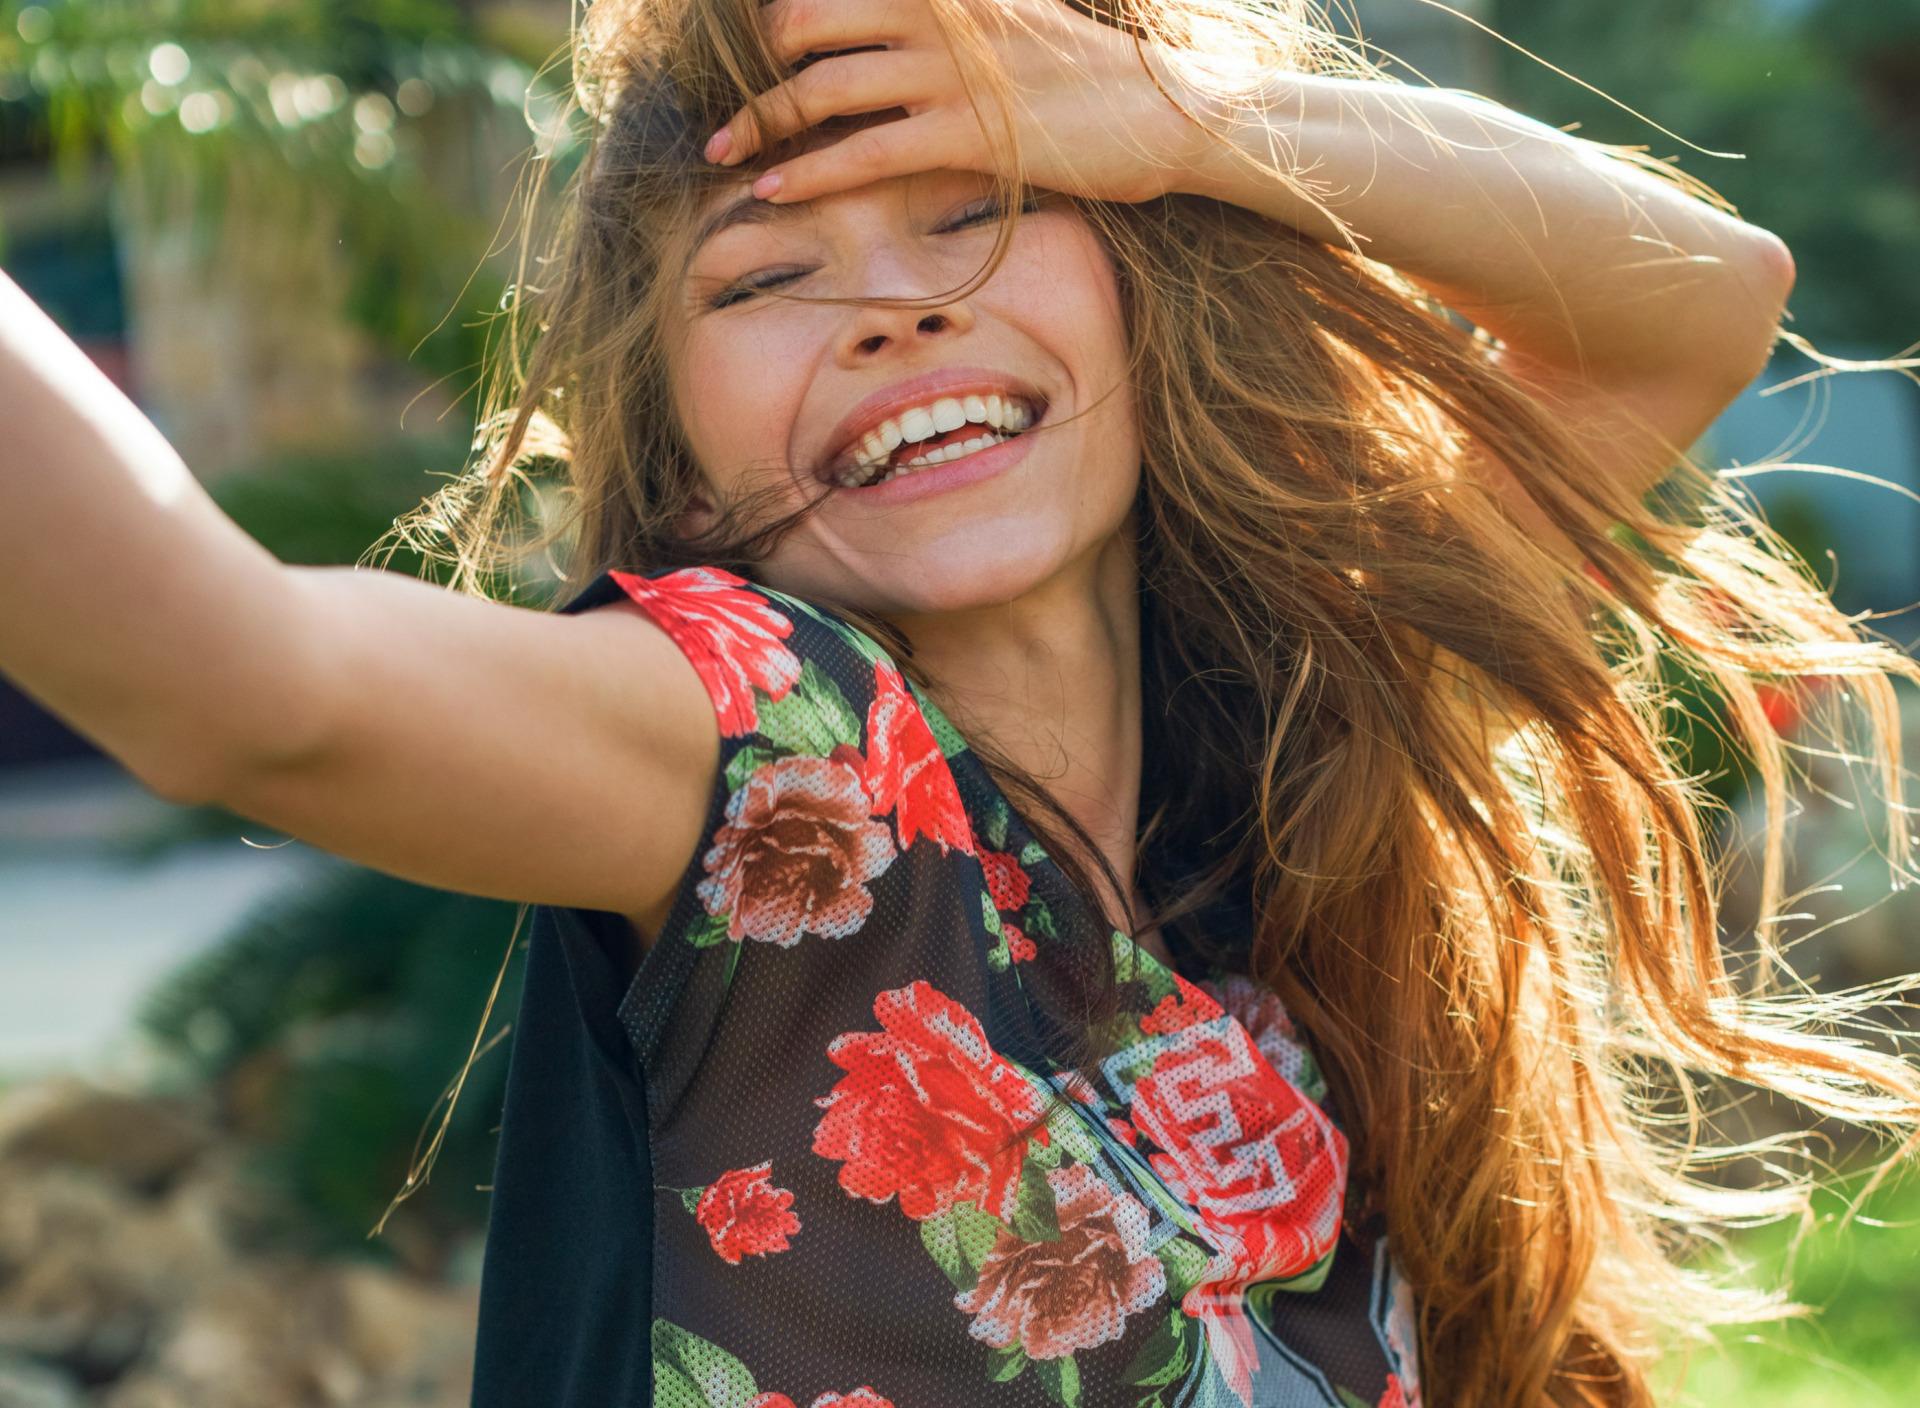 улыбка счастье радость картинки времени